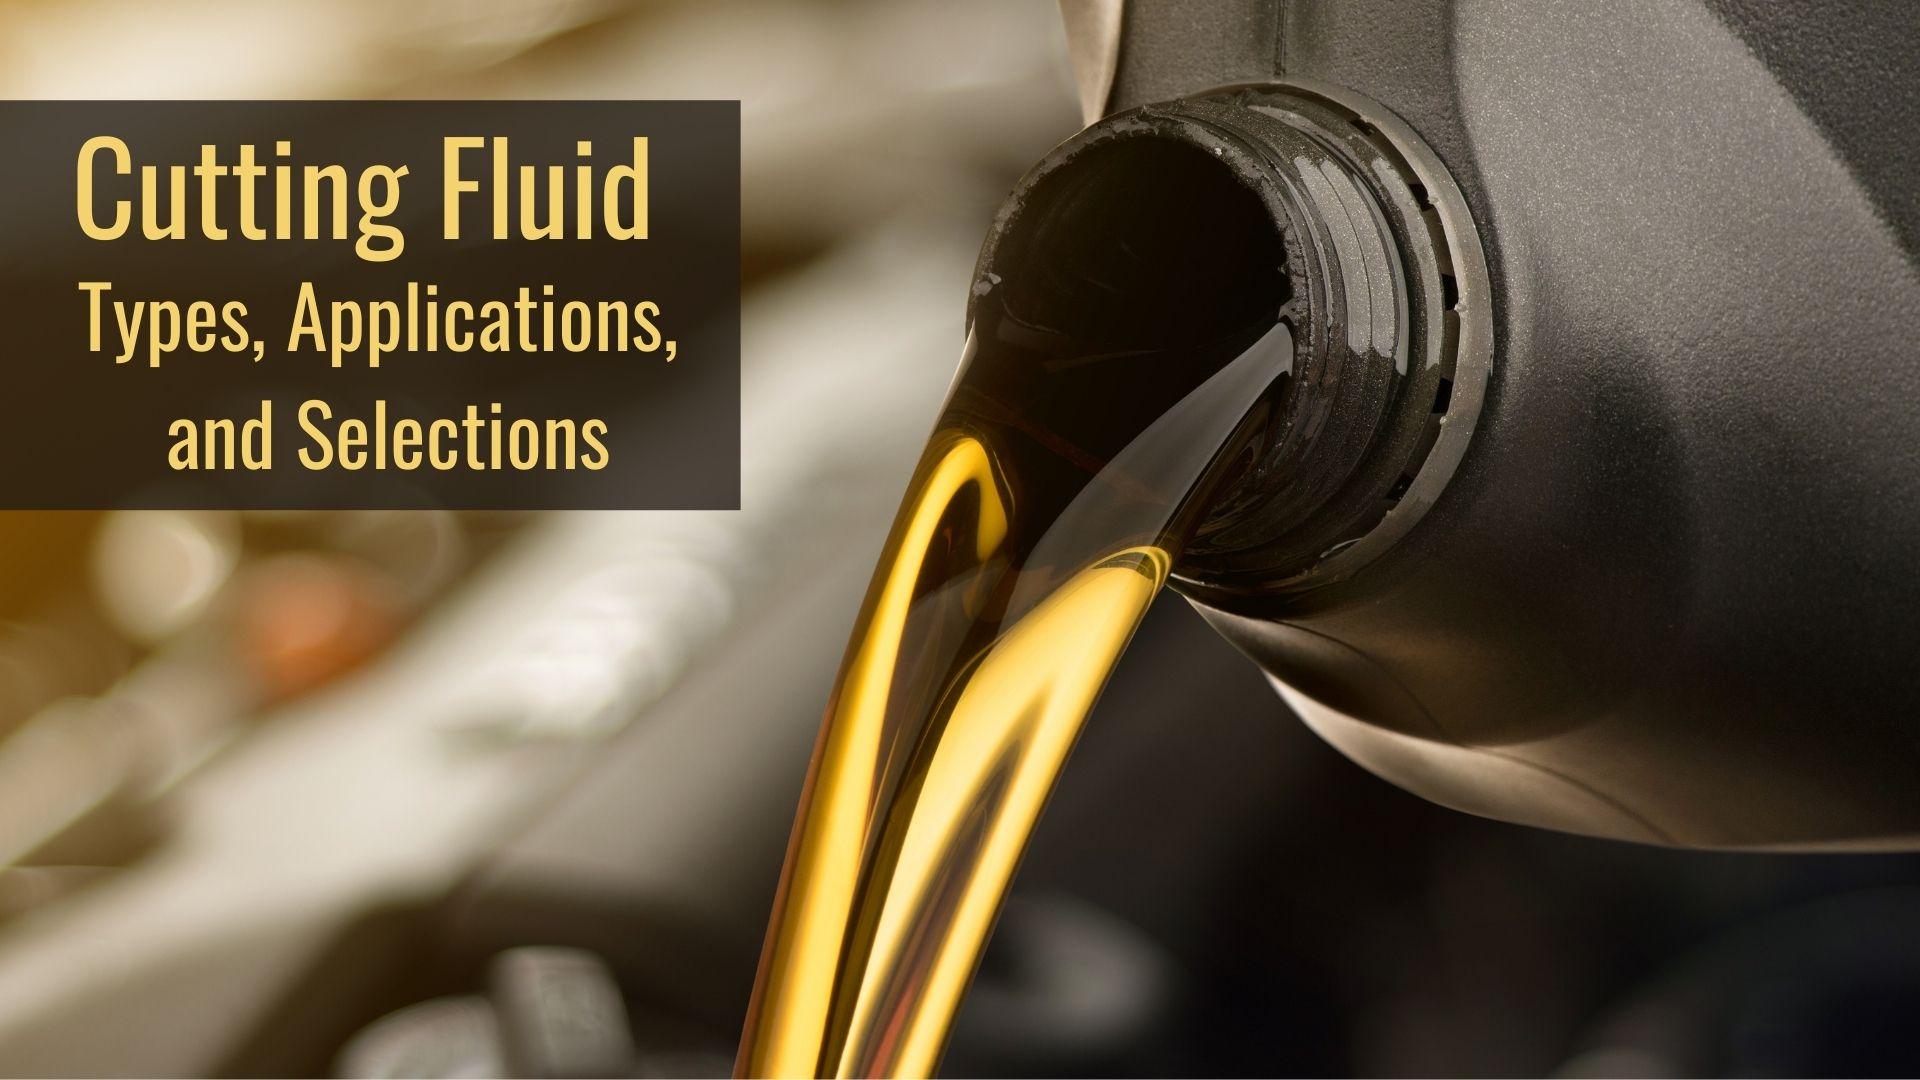 Cutting Fluid, Cutting oil